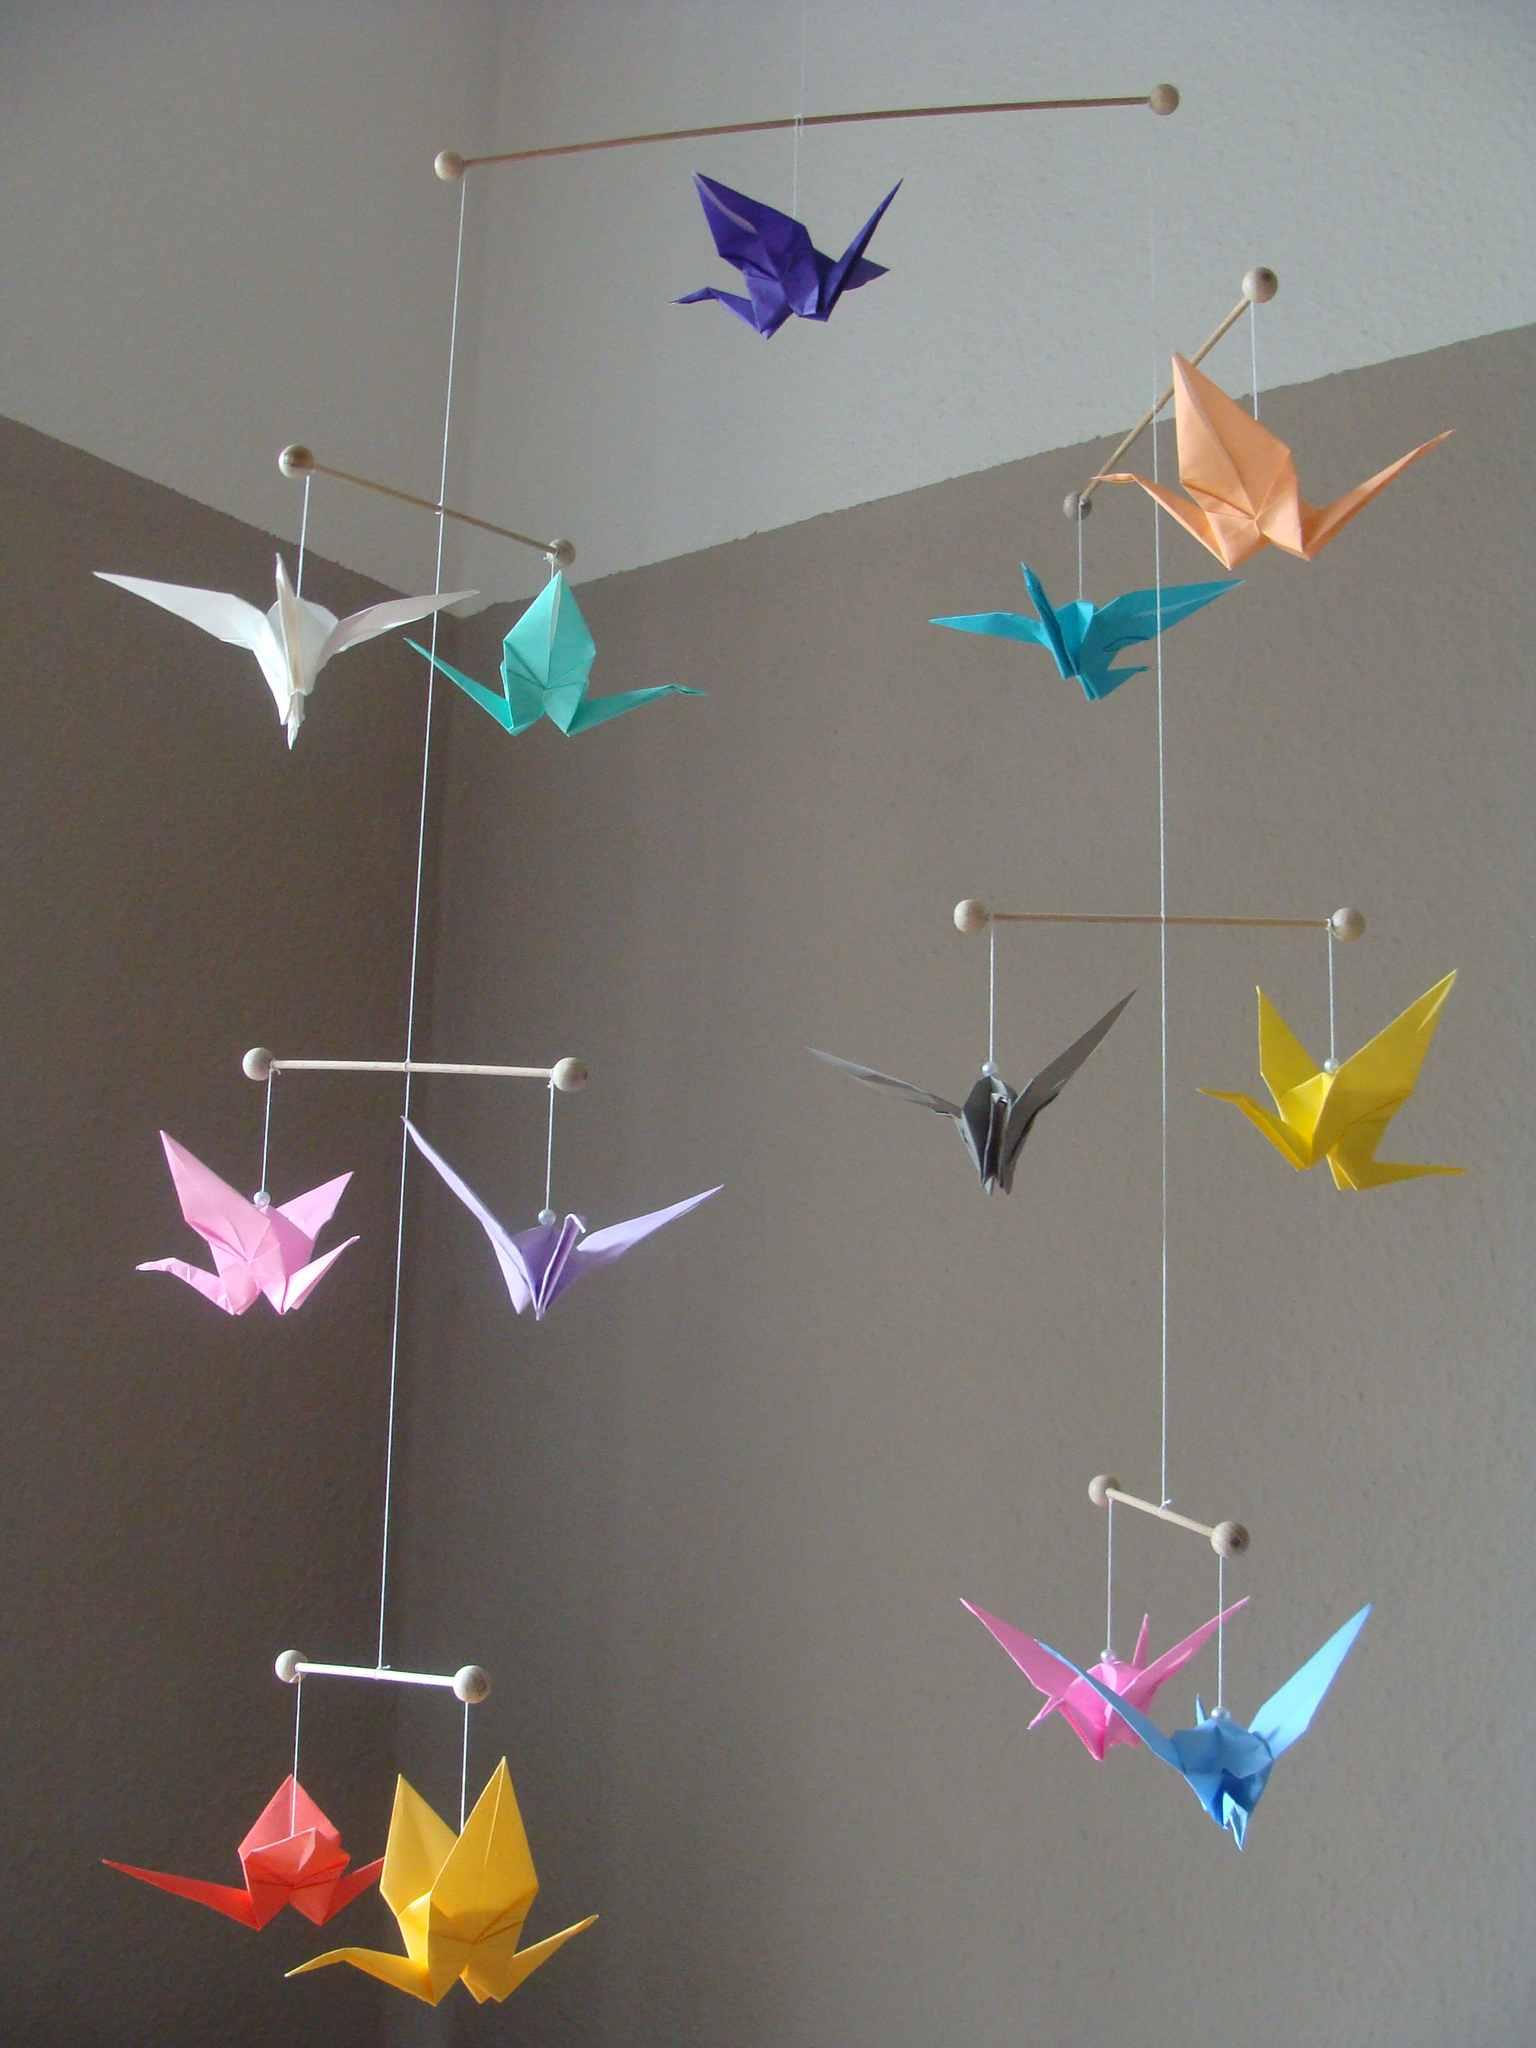 Origami Facile : L'art De Plier Le Papier Pour Débutants avec Origami Rose Facile A Faire